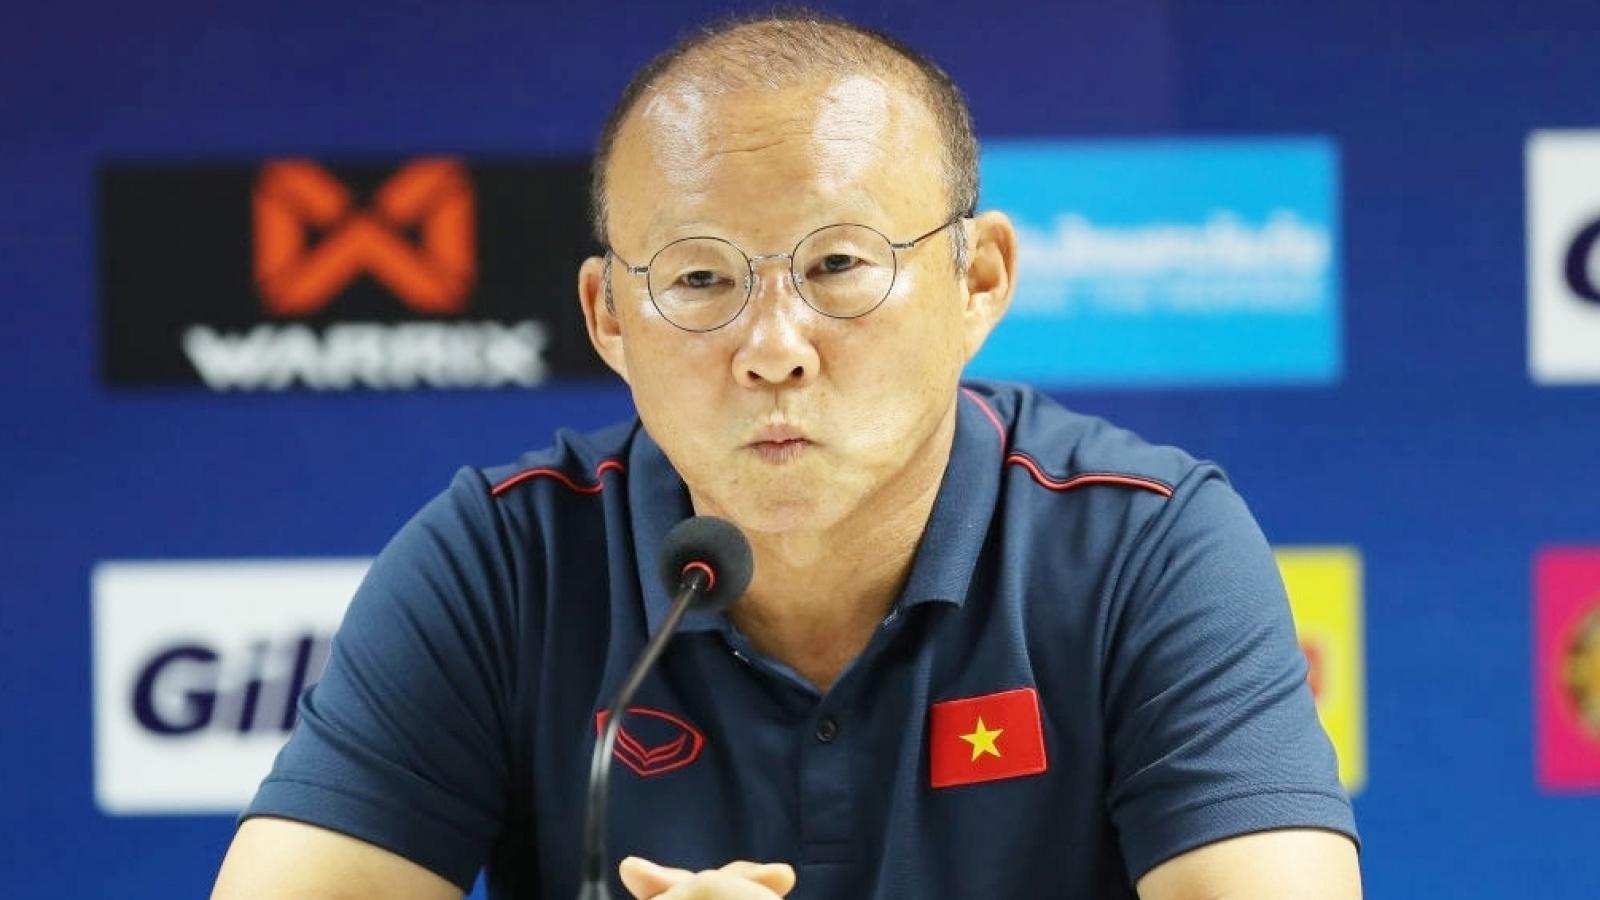 HLV Park Hang Seo giải thích lý do ĐT Việt Nam liên tục bị phạt 11m